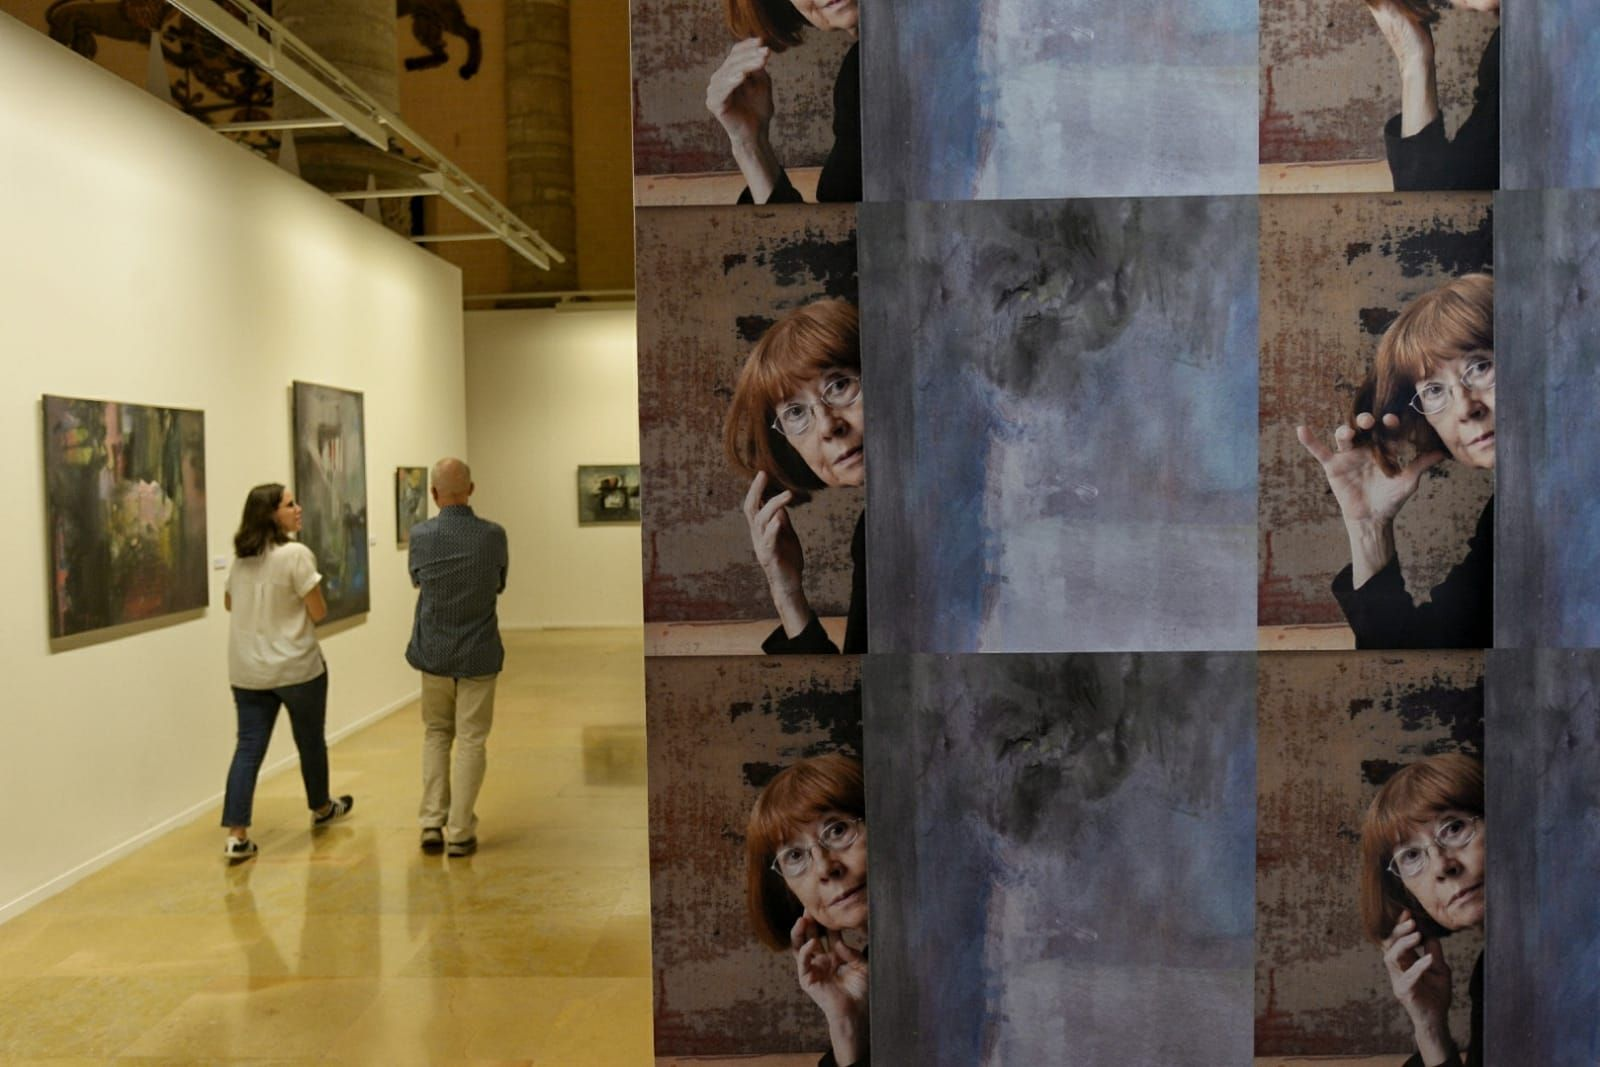 2 Oct 26 Ene Exposición El Vigor De La Duda De Julia Dorado En La Lonja Exposiciones Artistas Museos